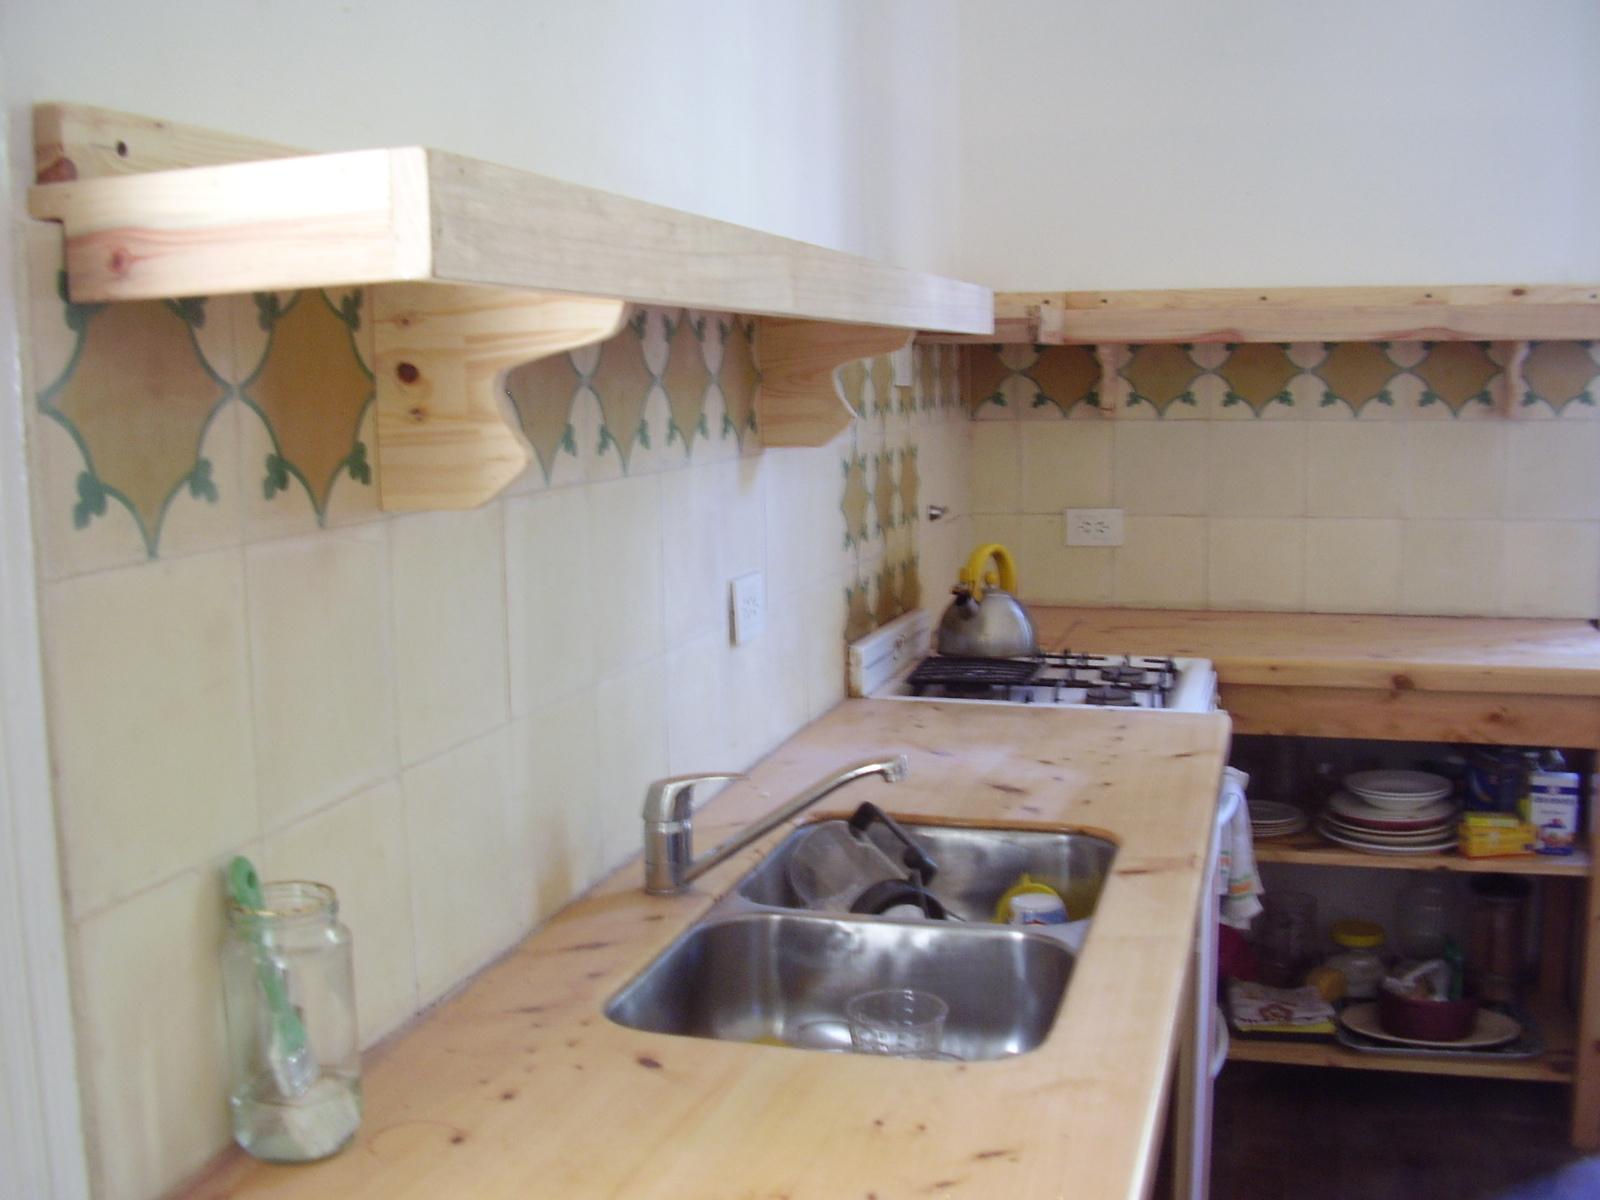 Muebles sensibles en madera estanteria de cocina en - Estanterias para cocina ...